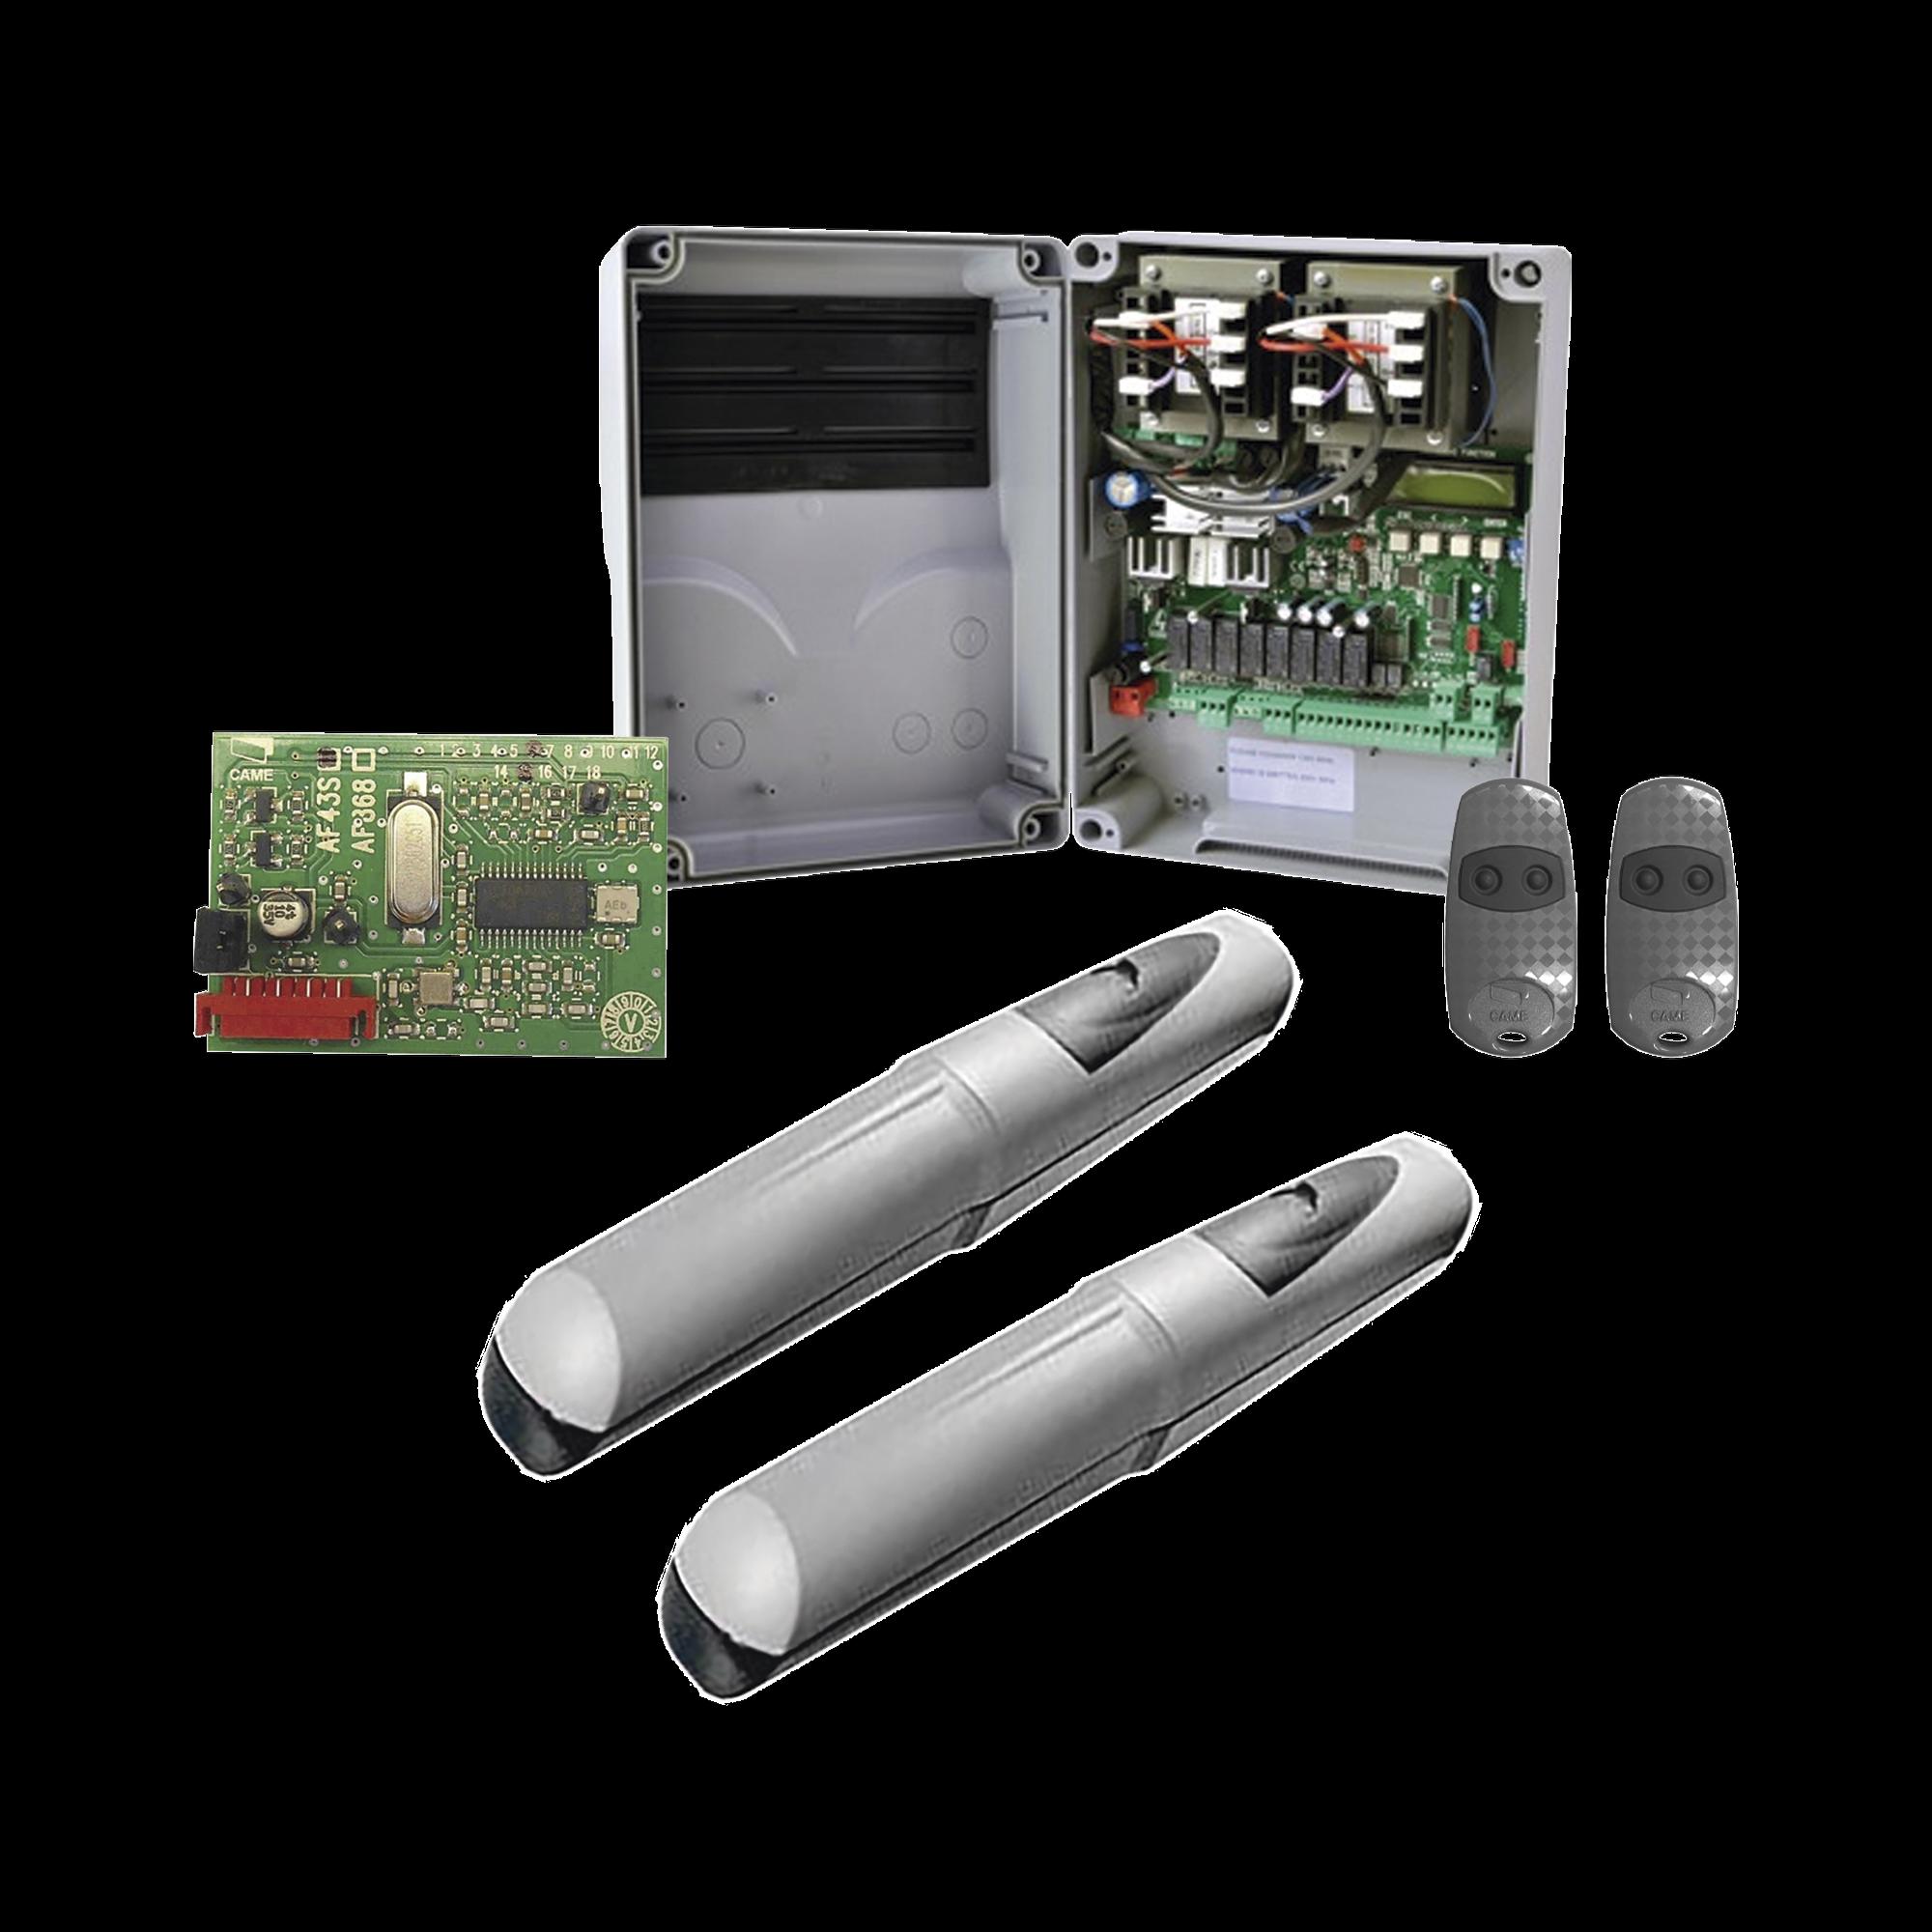 Kit de operadores AXO 5024 Para puertas Abatibles de hasta 5 Metros y 400 Kg de peso por hoja